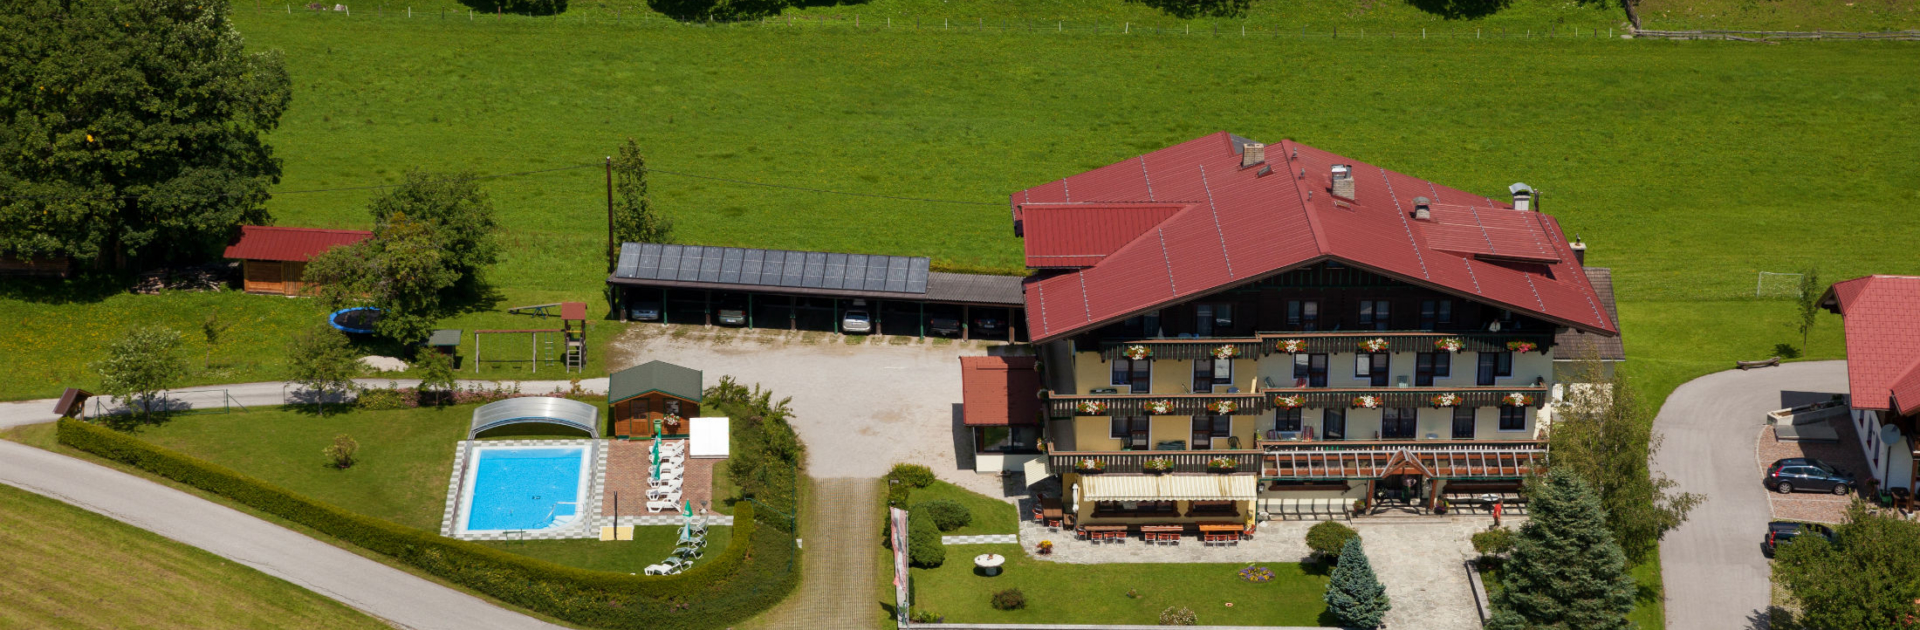 Hotel Timmelbauerhof Luftansicht